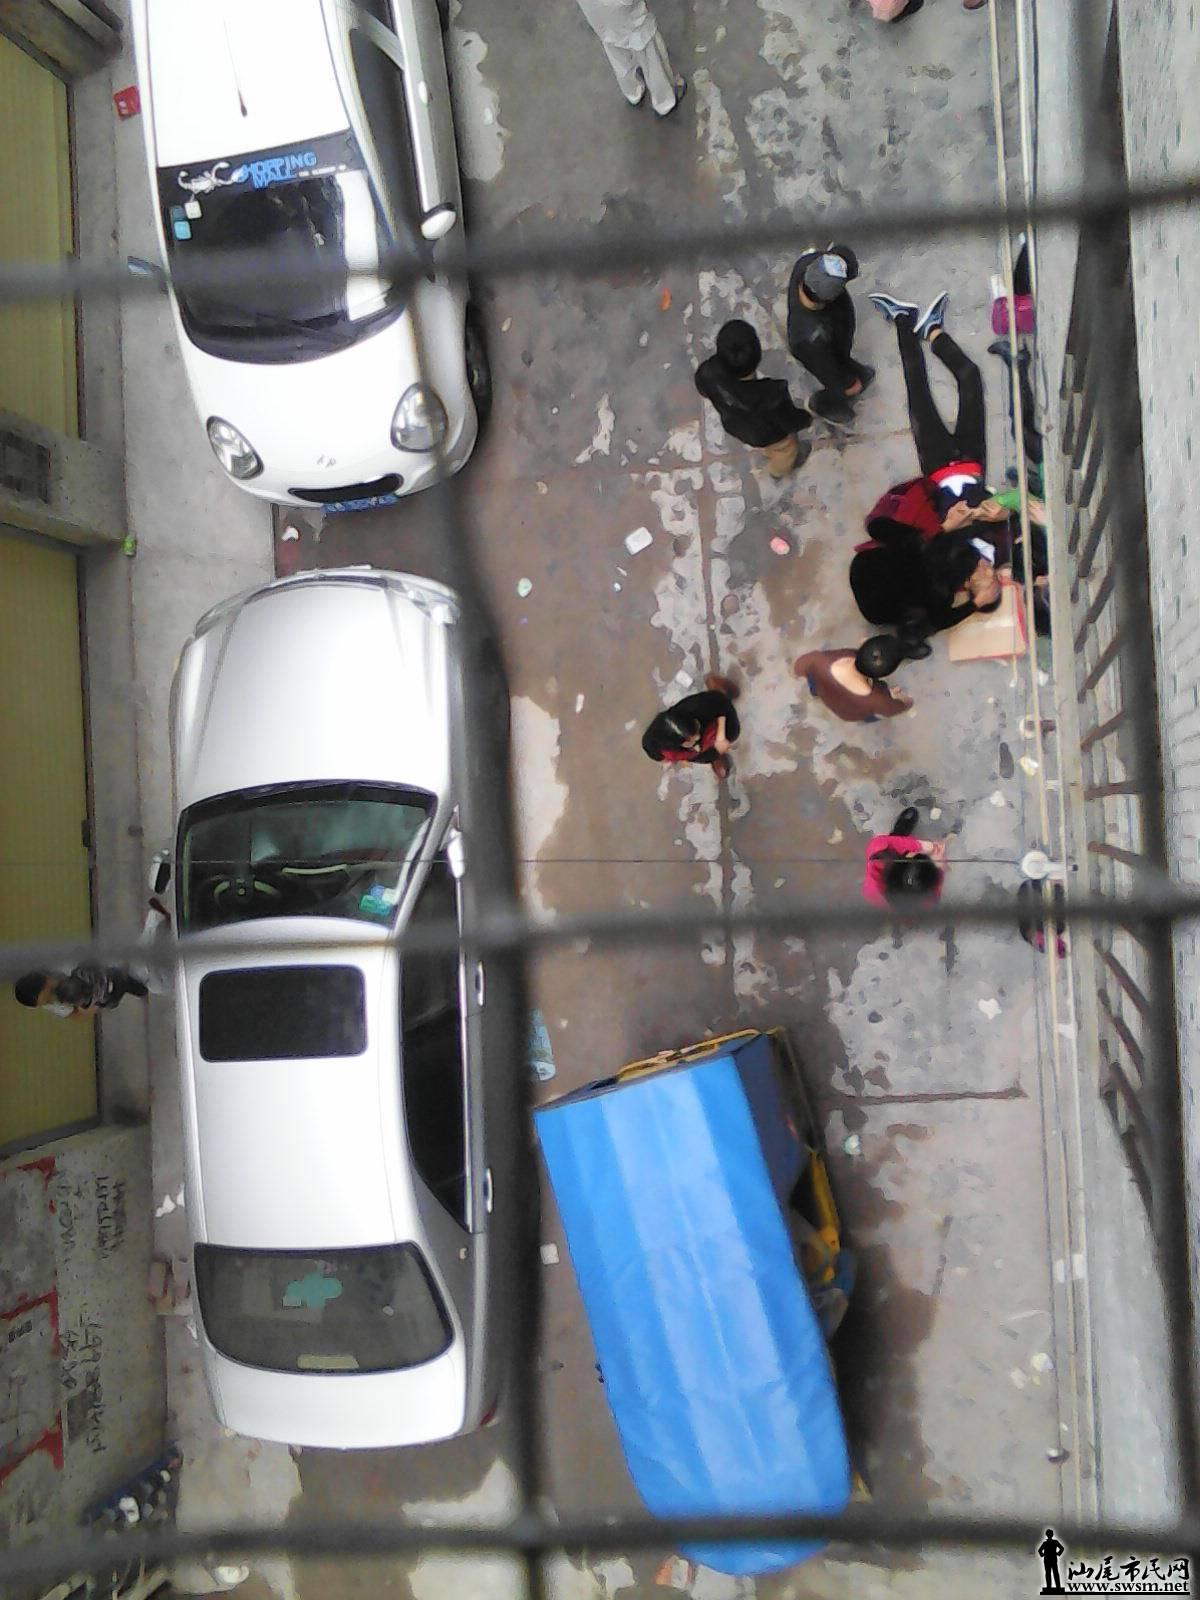 汕尾市区一司机倒车油门当刹车,撞伤自己的儿子 组图